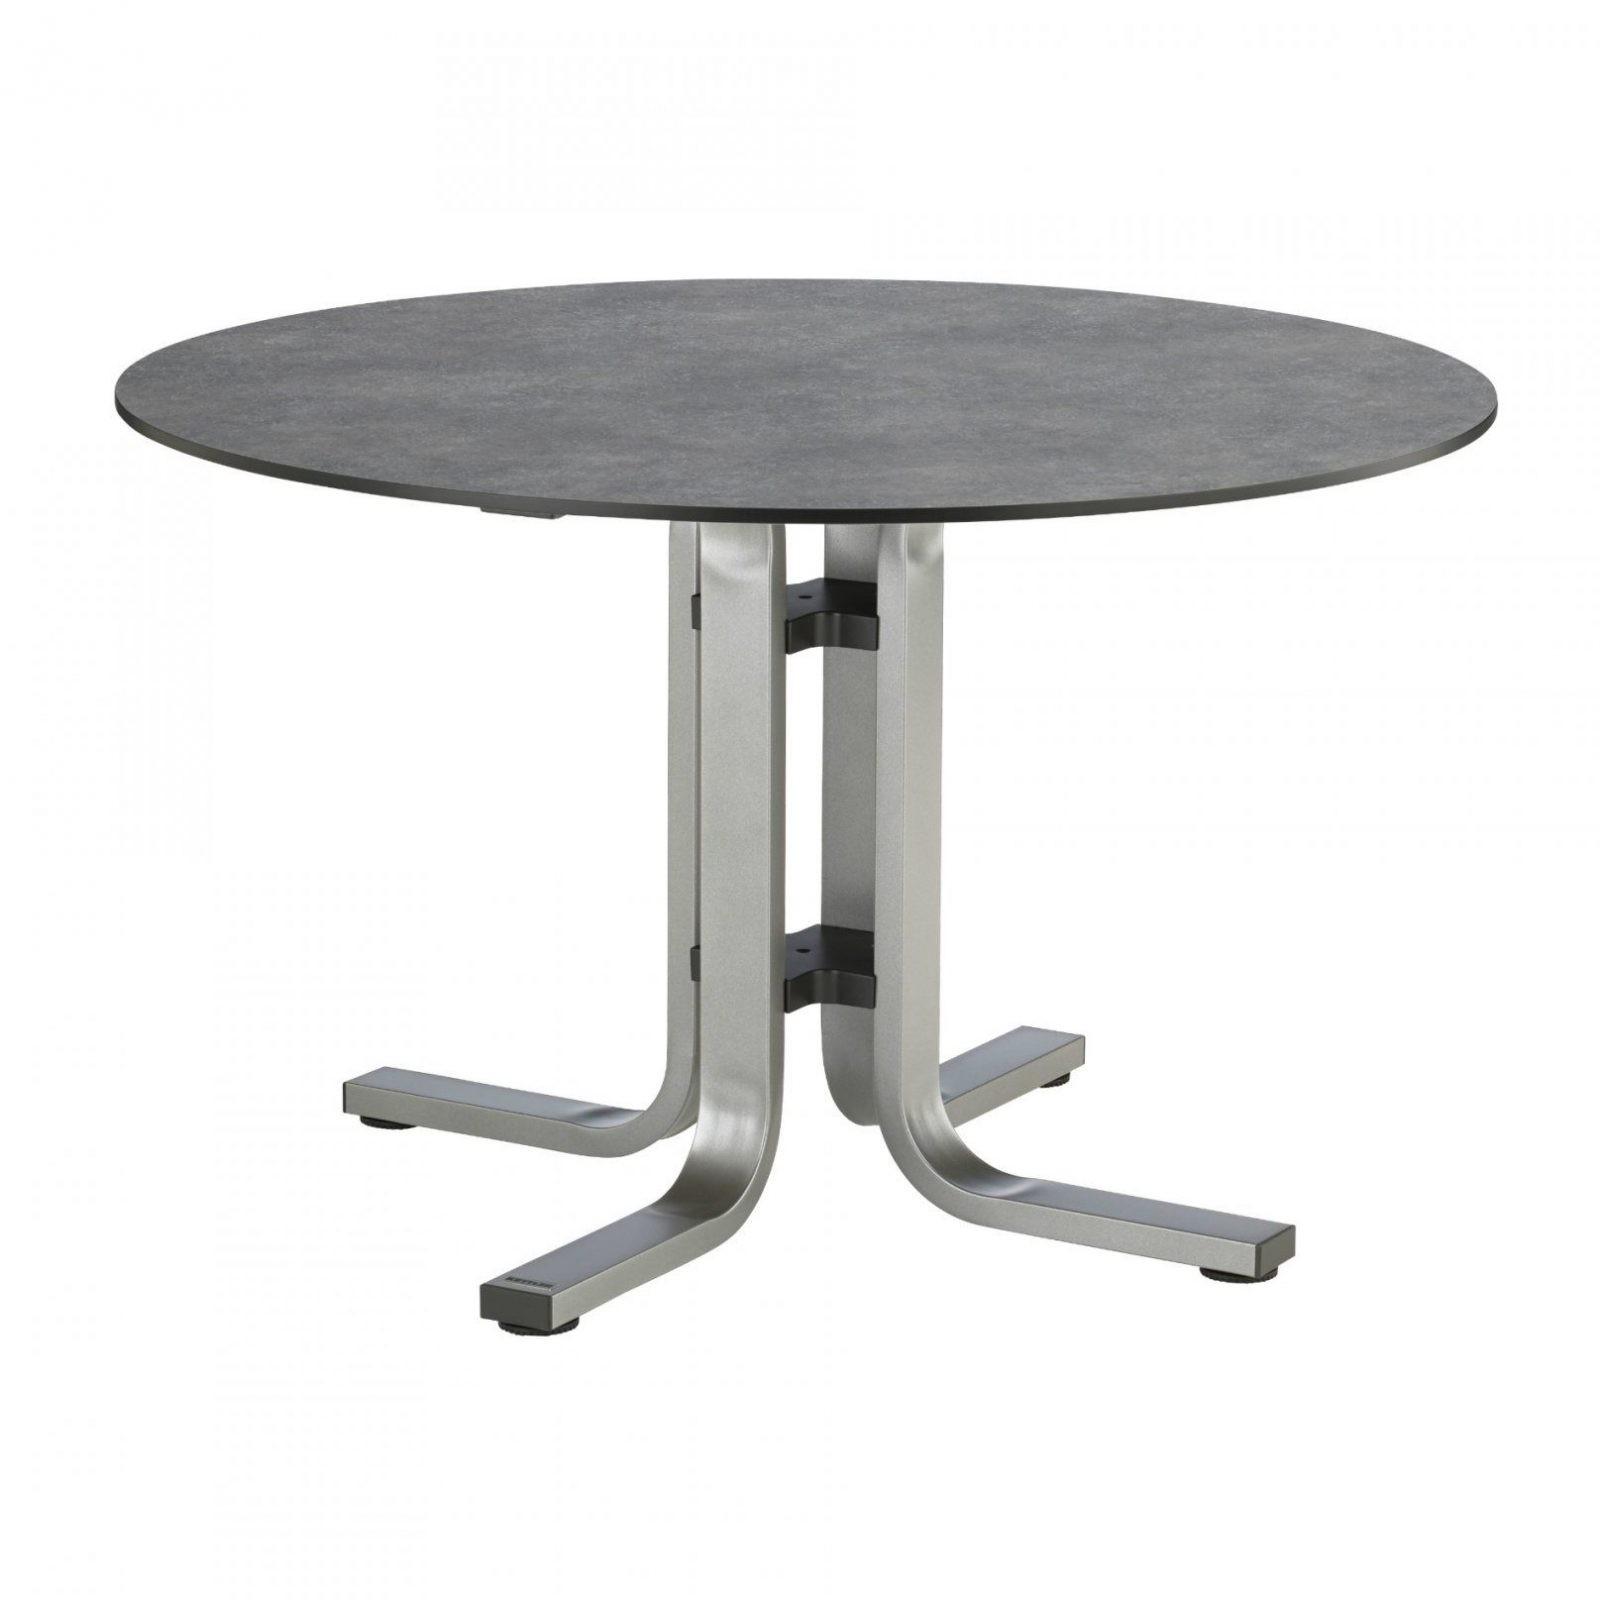 Gartentisch Rund 120 Cm von Gartentisch Rund 120 Cm Metall Photo